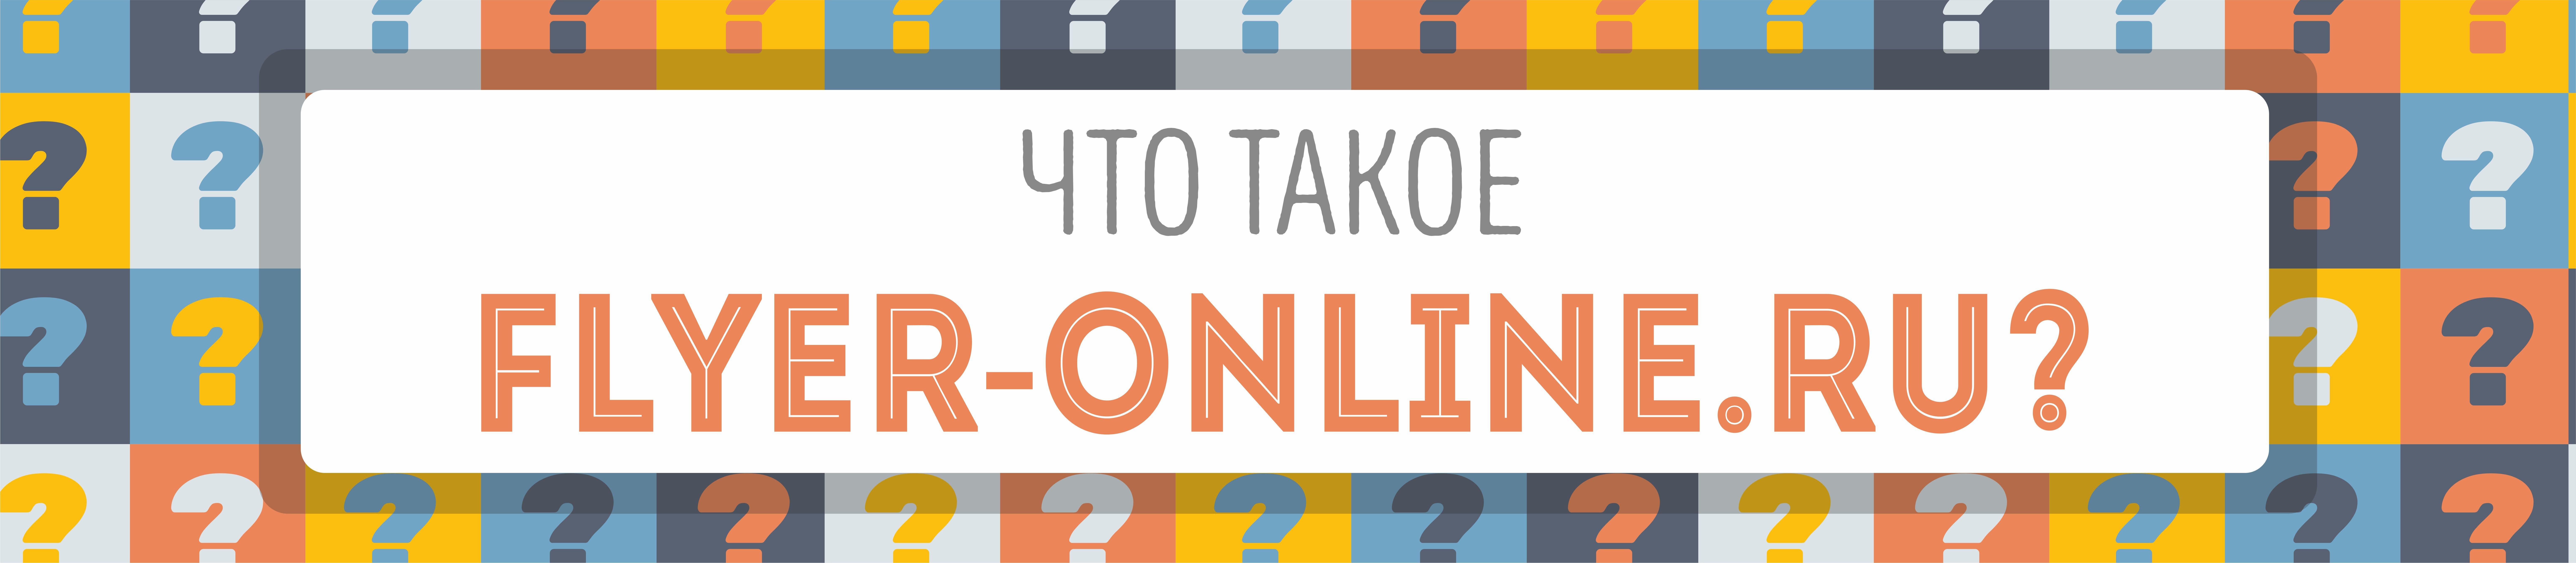 Что такое flyer-online.ru?